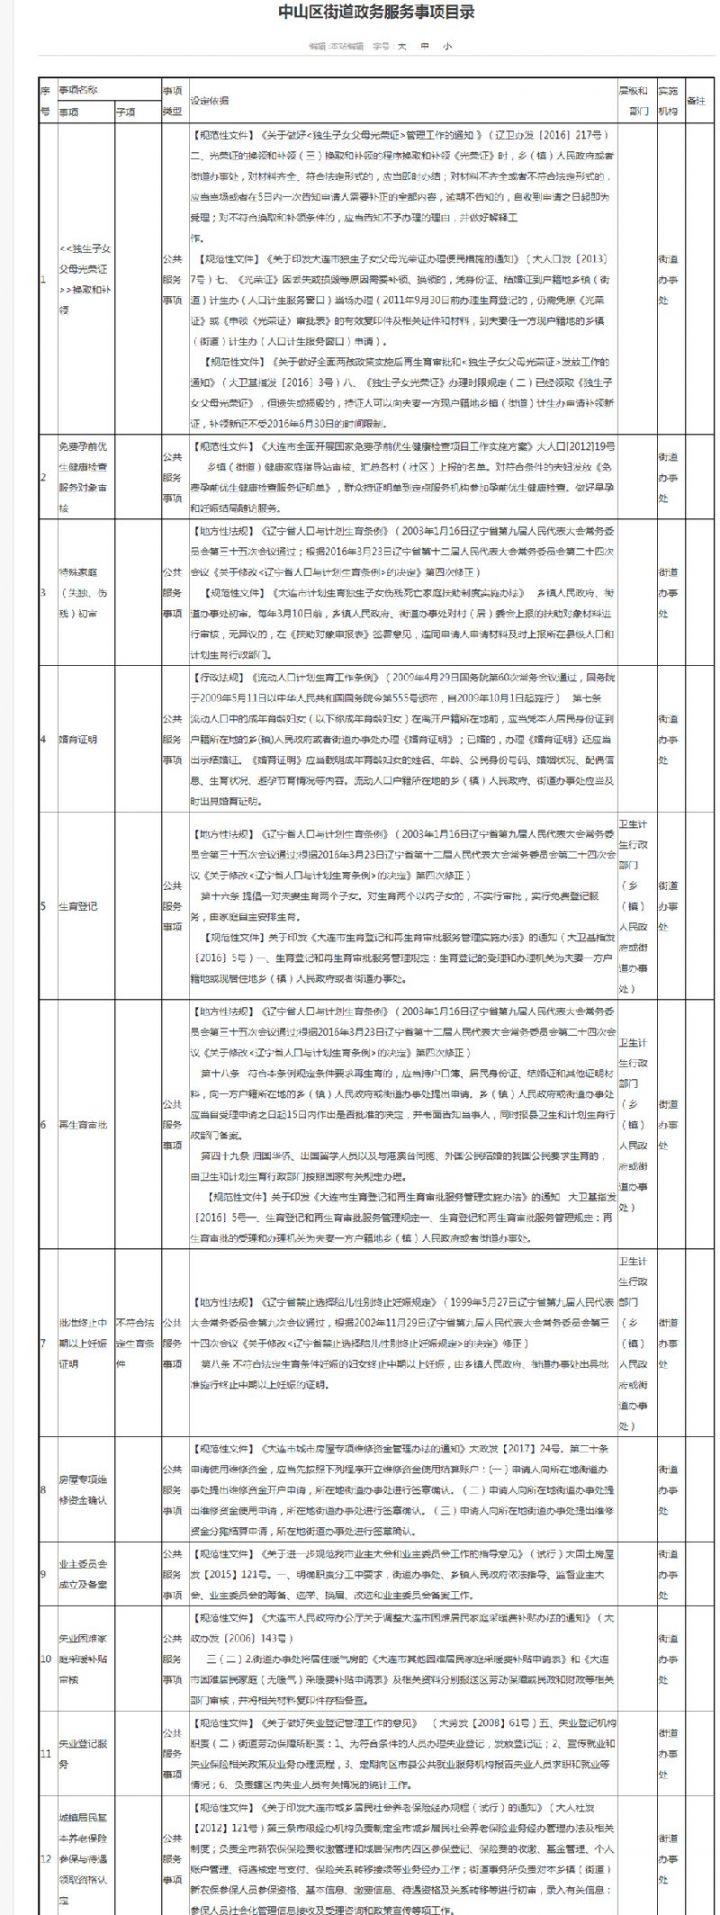 2018大连中山区街道政务服务事项目录